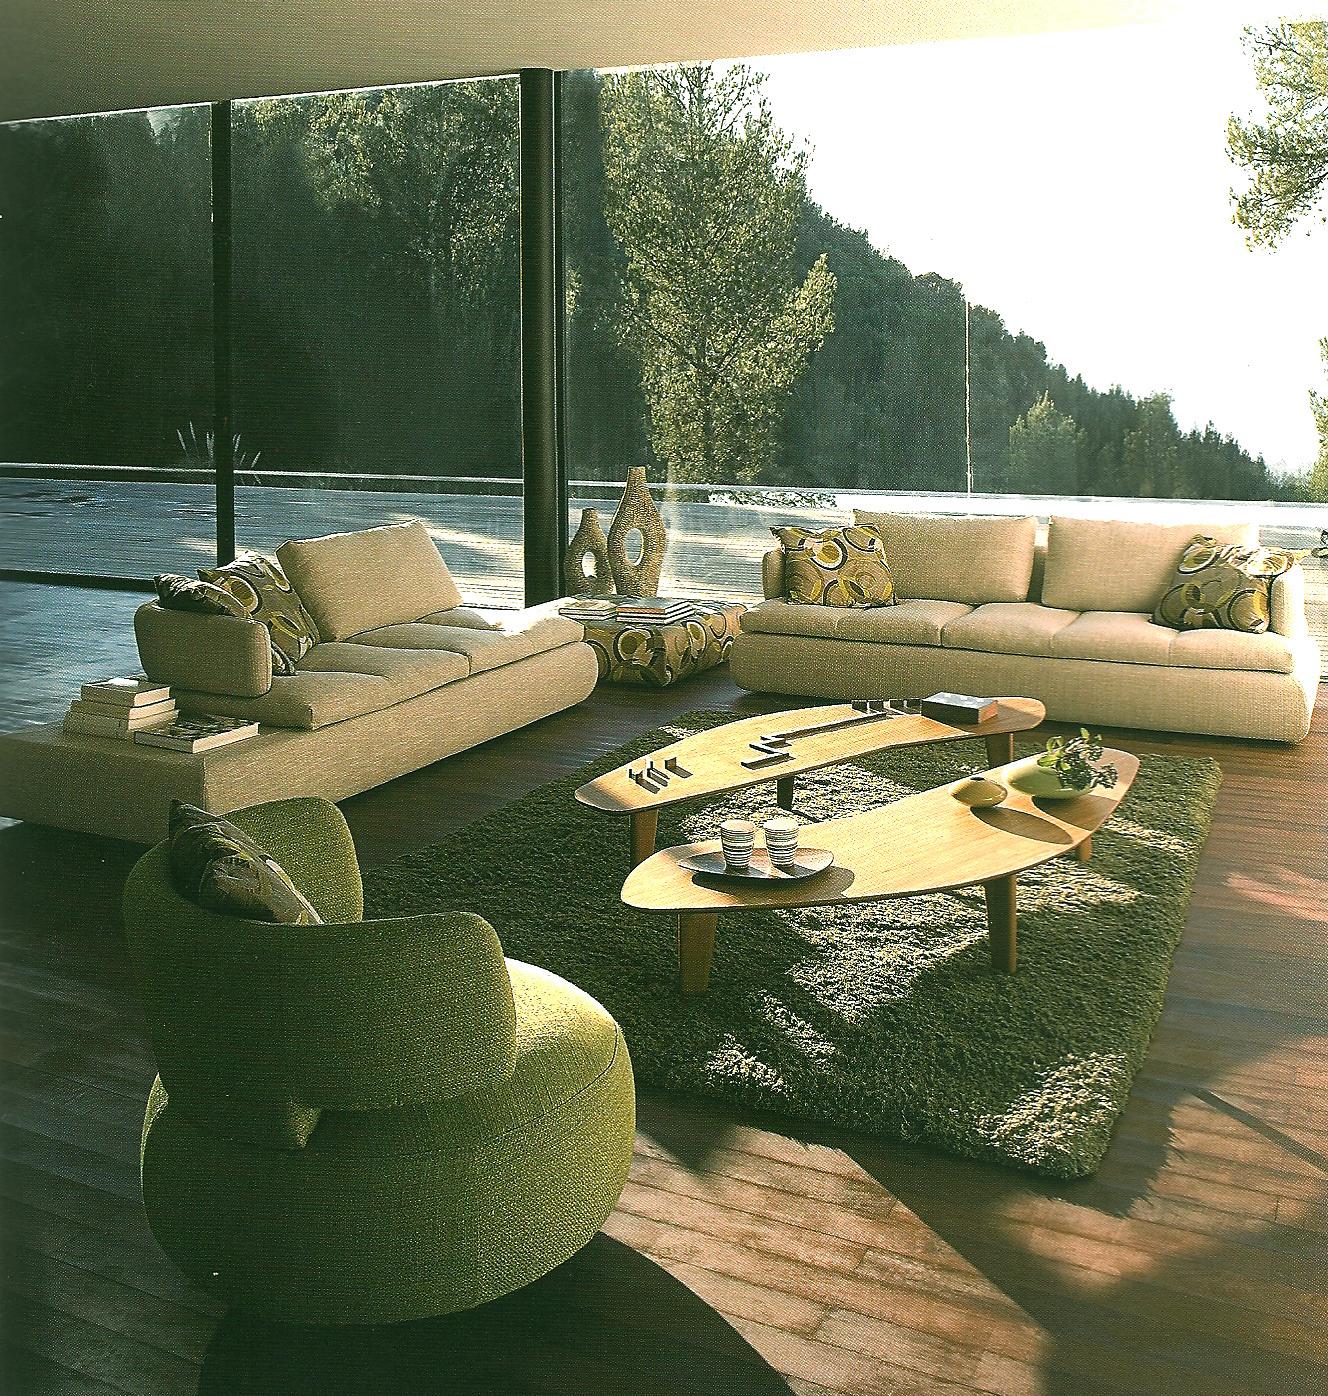 trampolim arquitetura dicas sobre o uso das cores 2. Black Bedroom Furniture Sets. Home Design Ideas